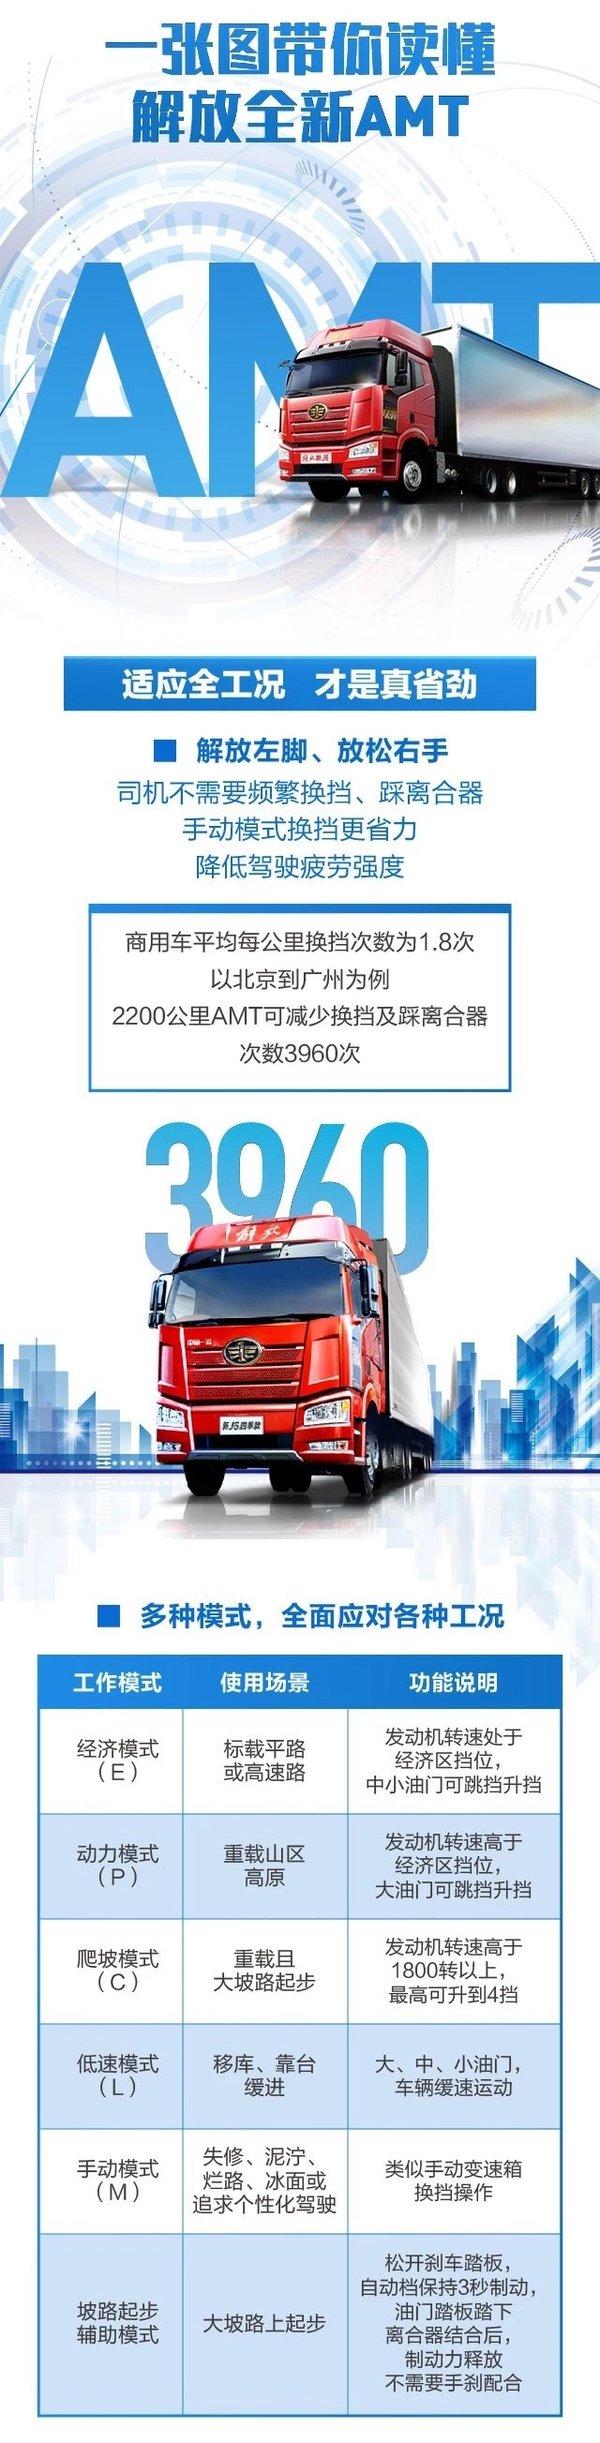 带坡道起步辅助北京―广州少踩离合近4000次解放全新AMT了解一下